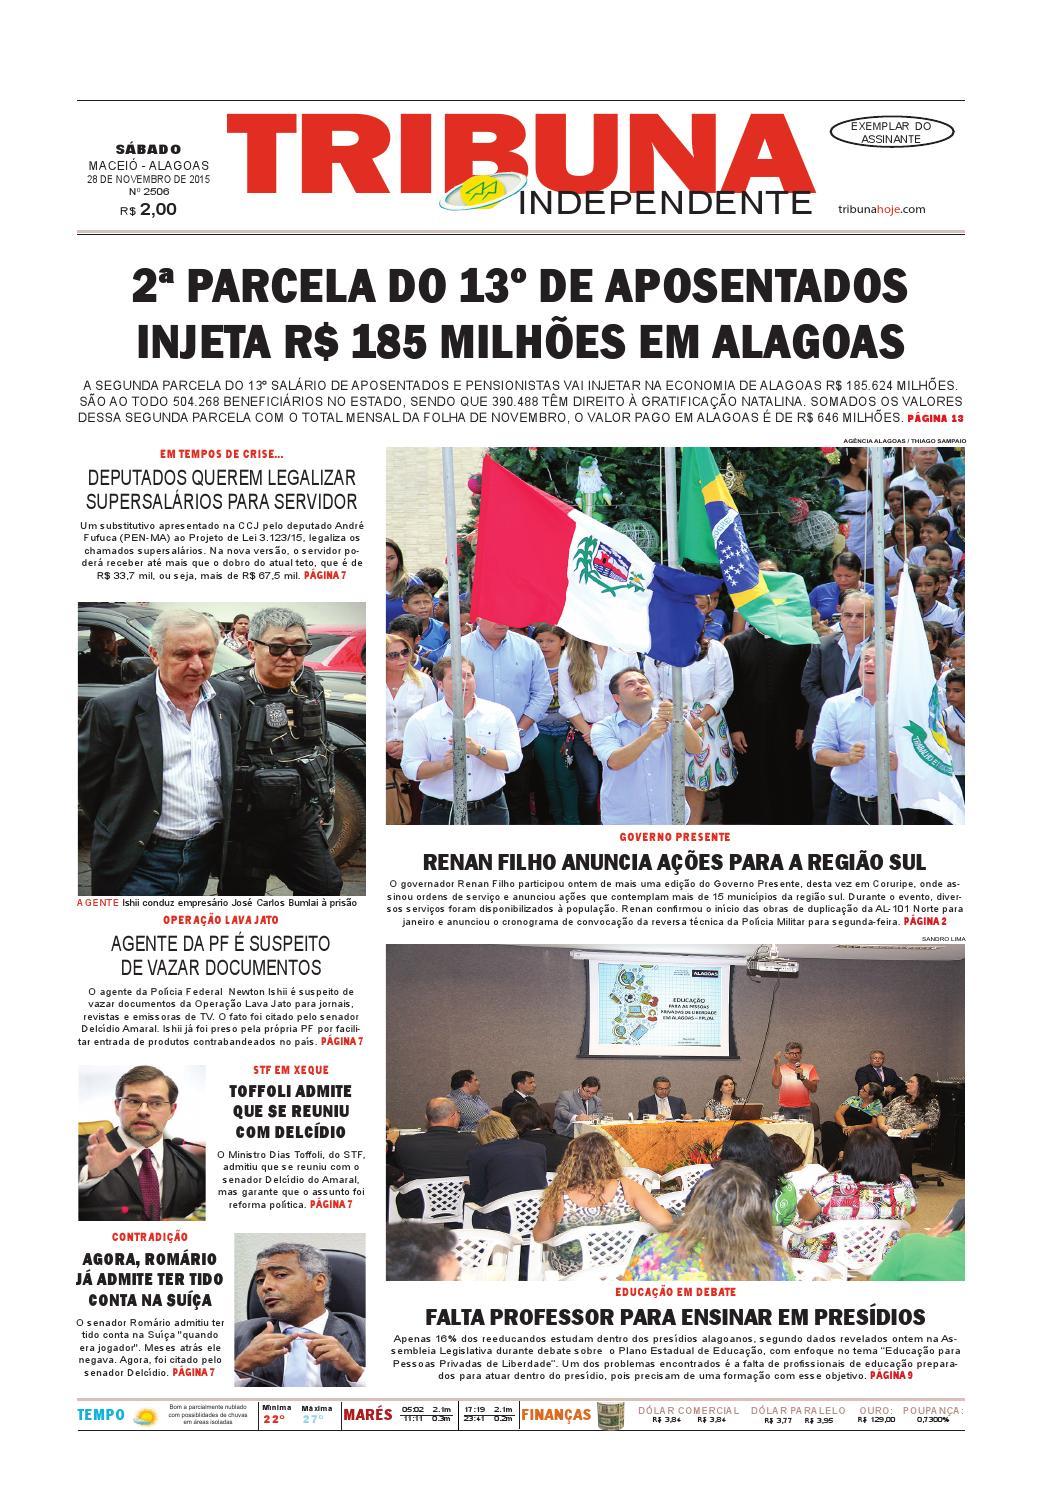 2ac834a76c9c0 Edição número 2506 - 28 de novembro de 2015 by Tribuna Hoje - issuu